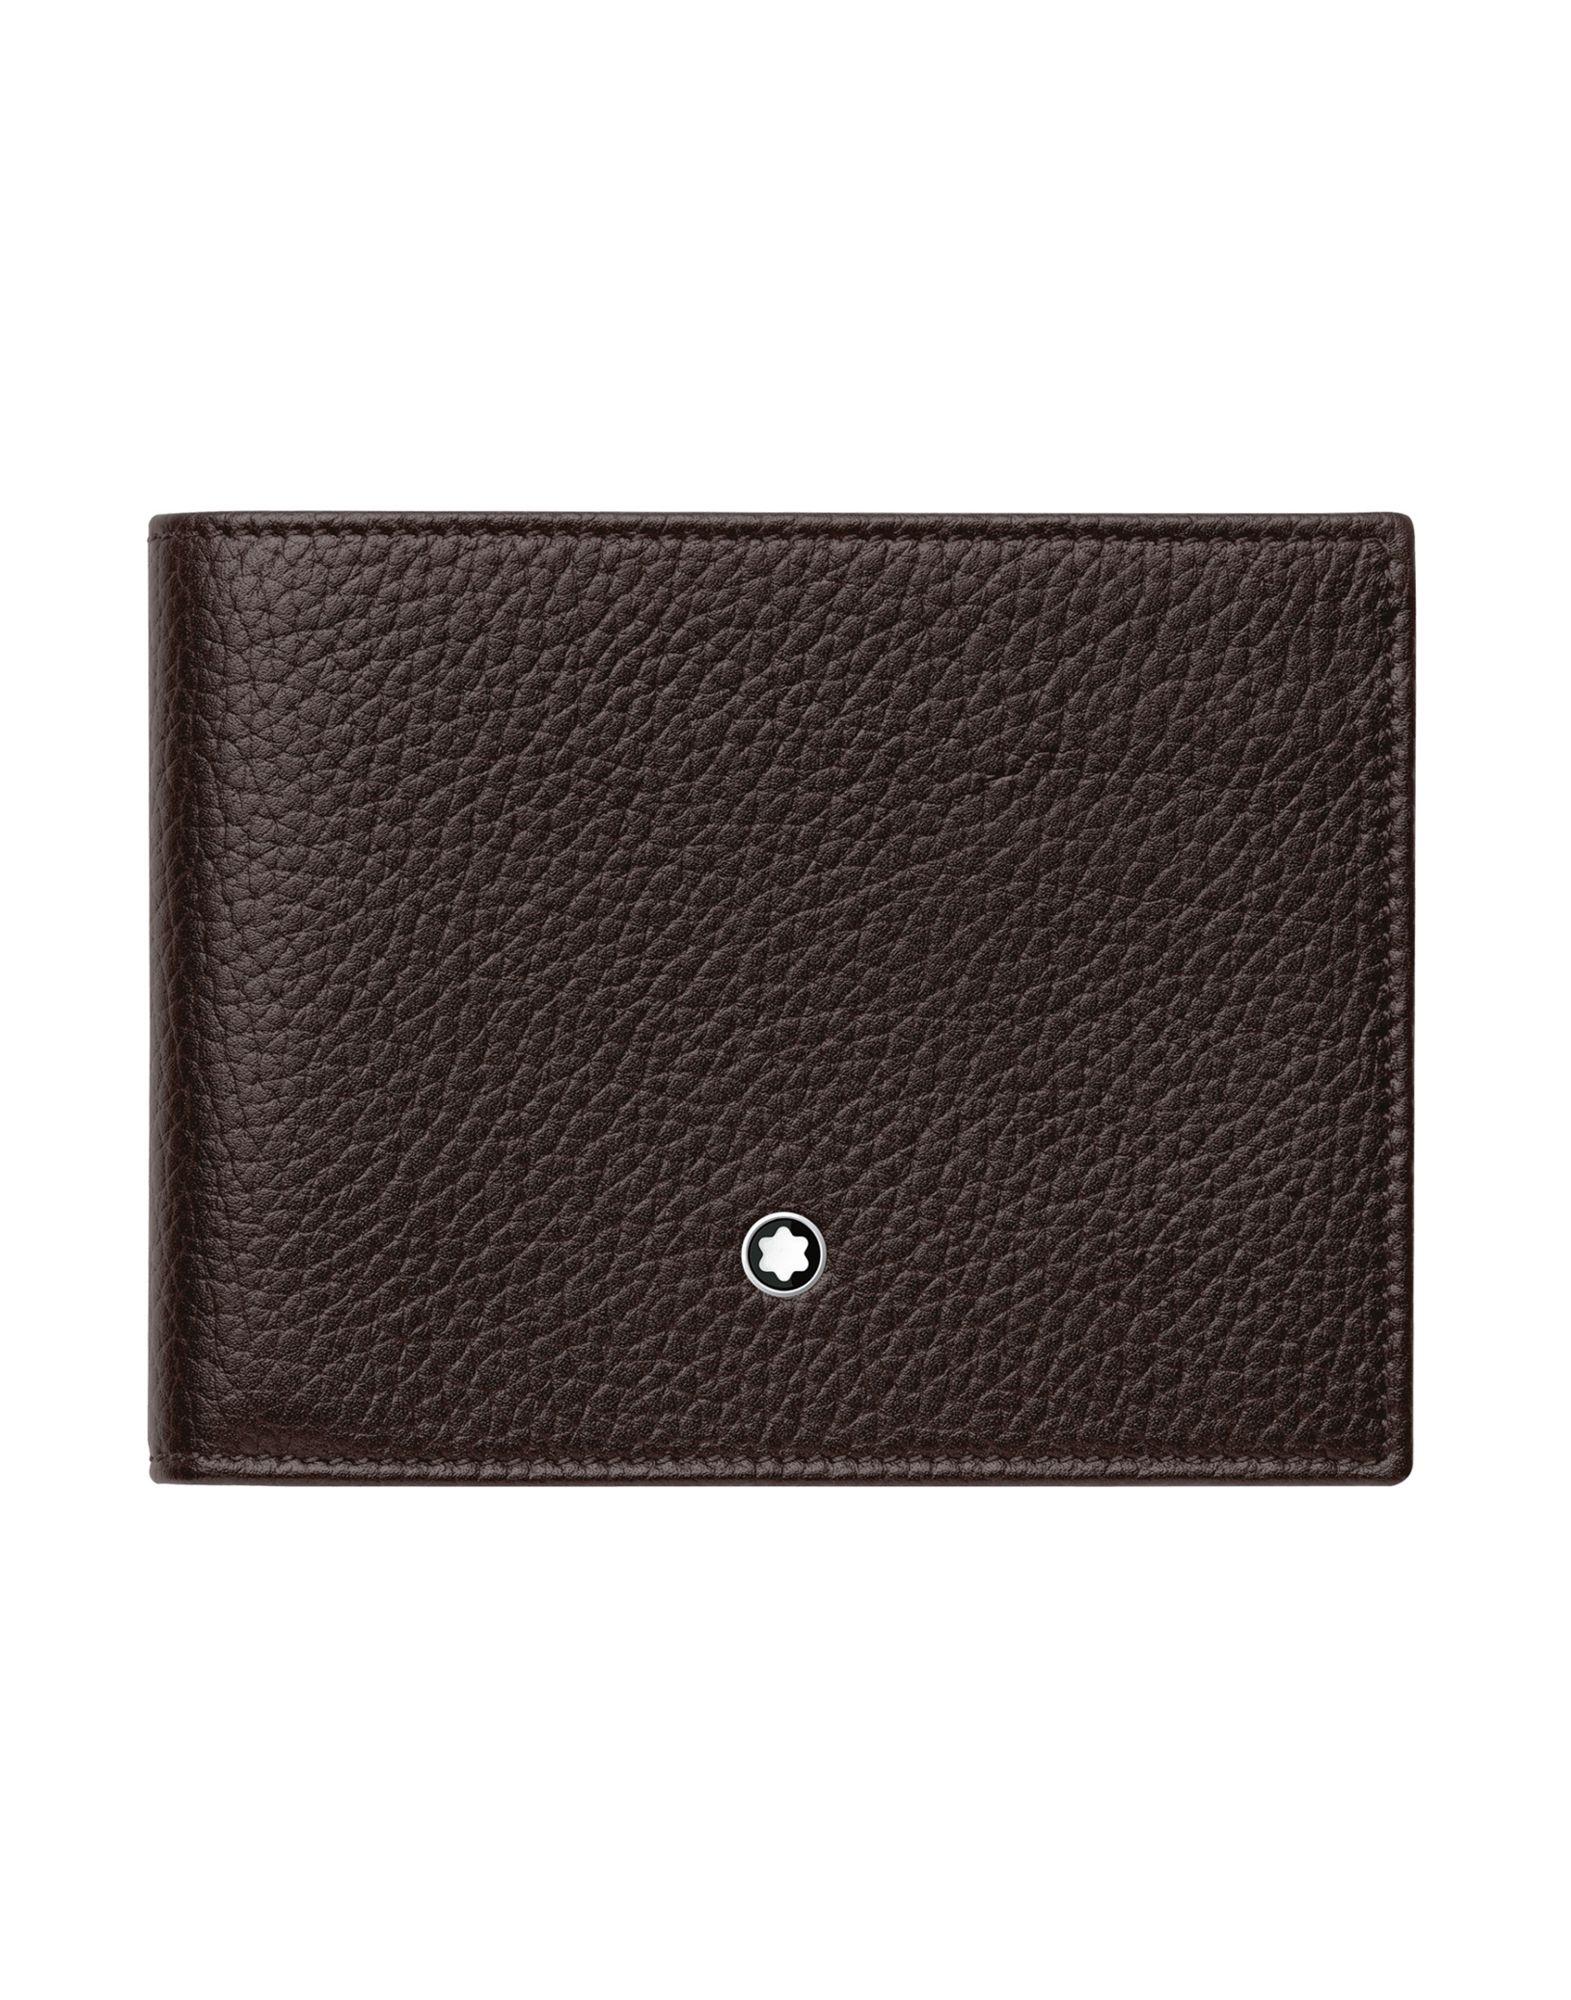 Portafoglio Montblanc Meisterstuck Soft Grain Wallet 6Cc - Uomo - Acquista online su